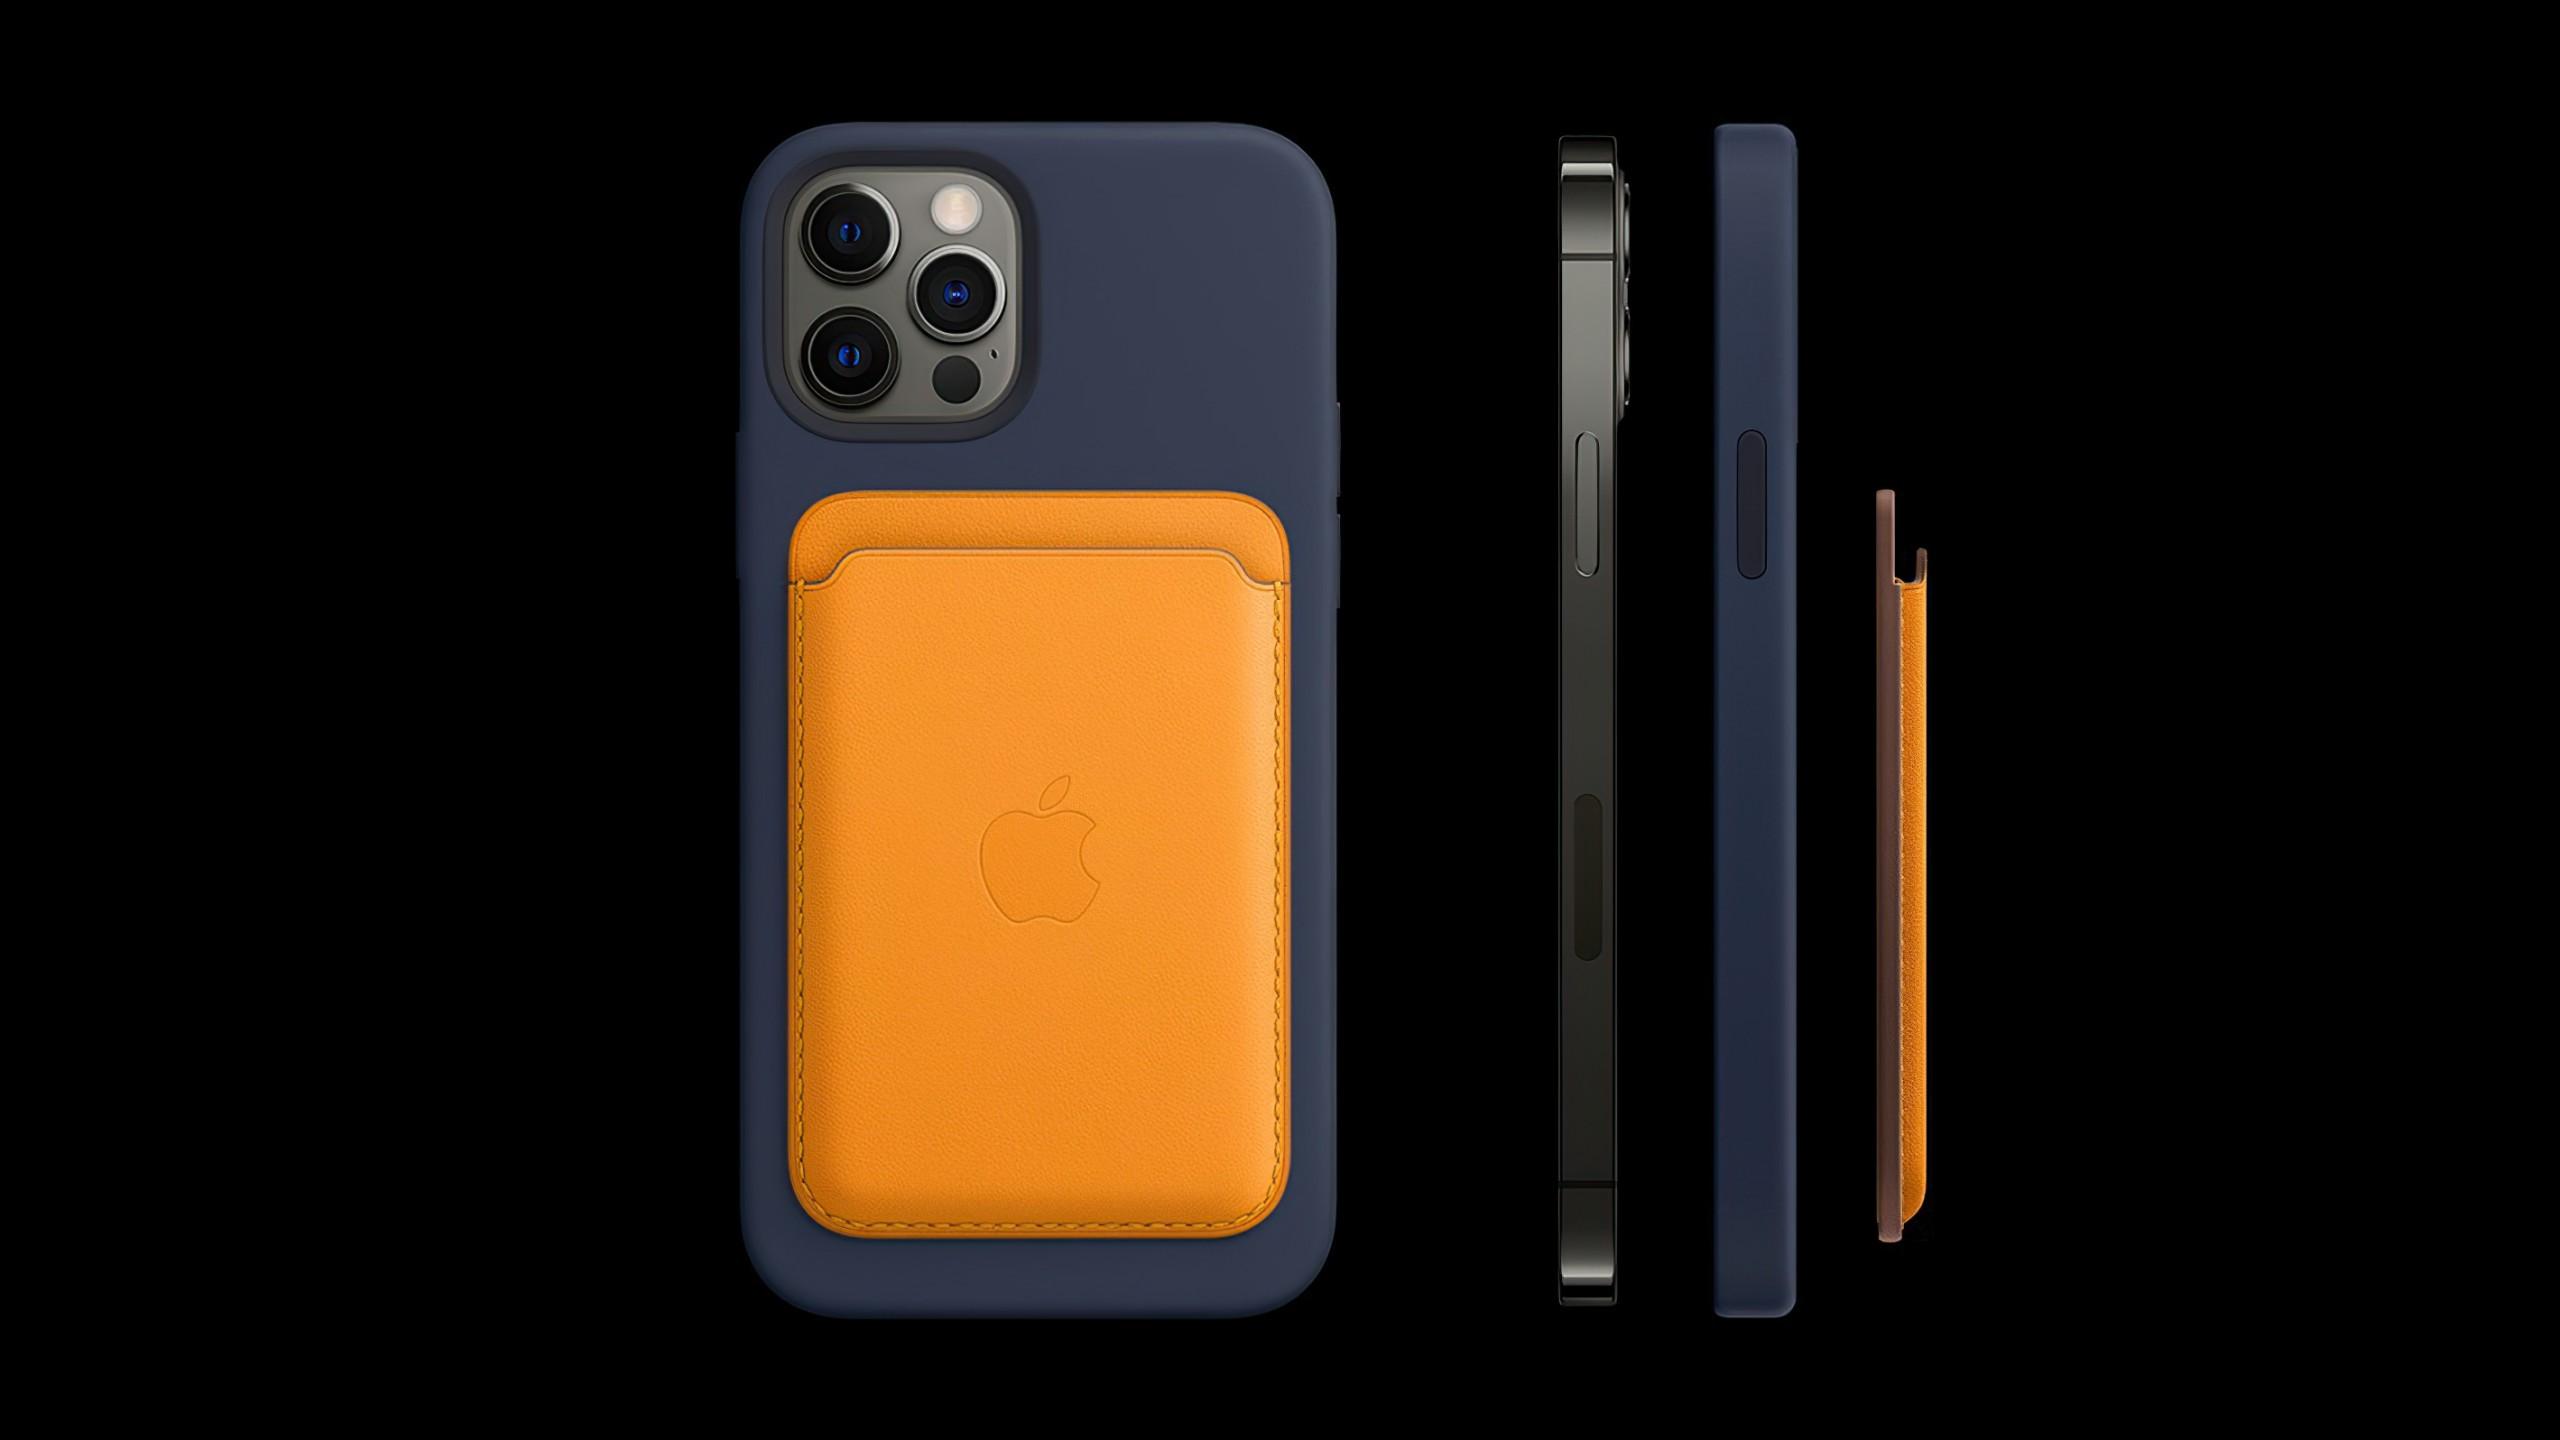 Wallpaper iPhone 12 Pro Max, Apple October 2020 Event, Hi ...